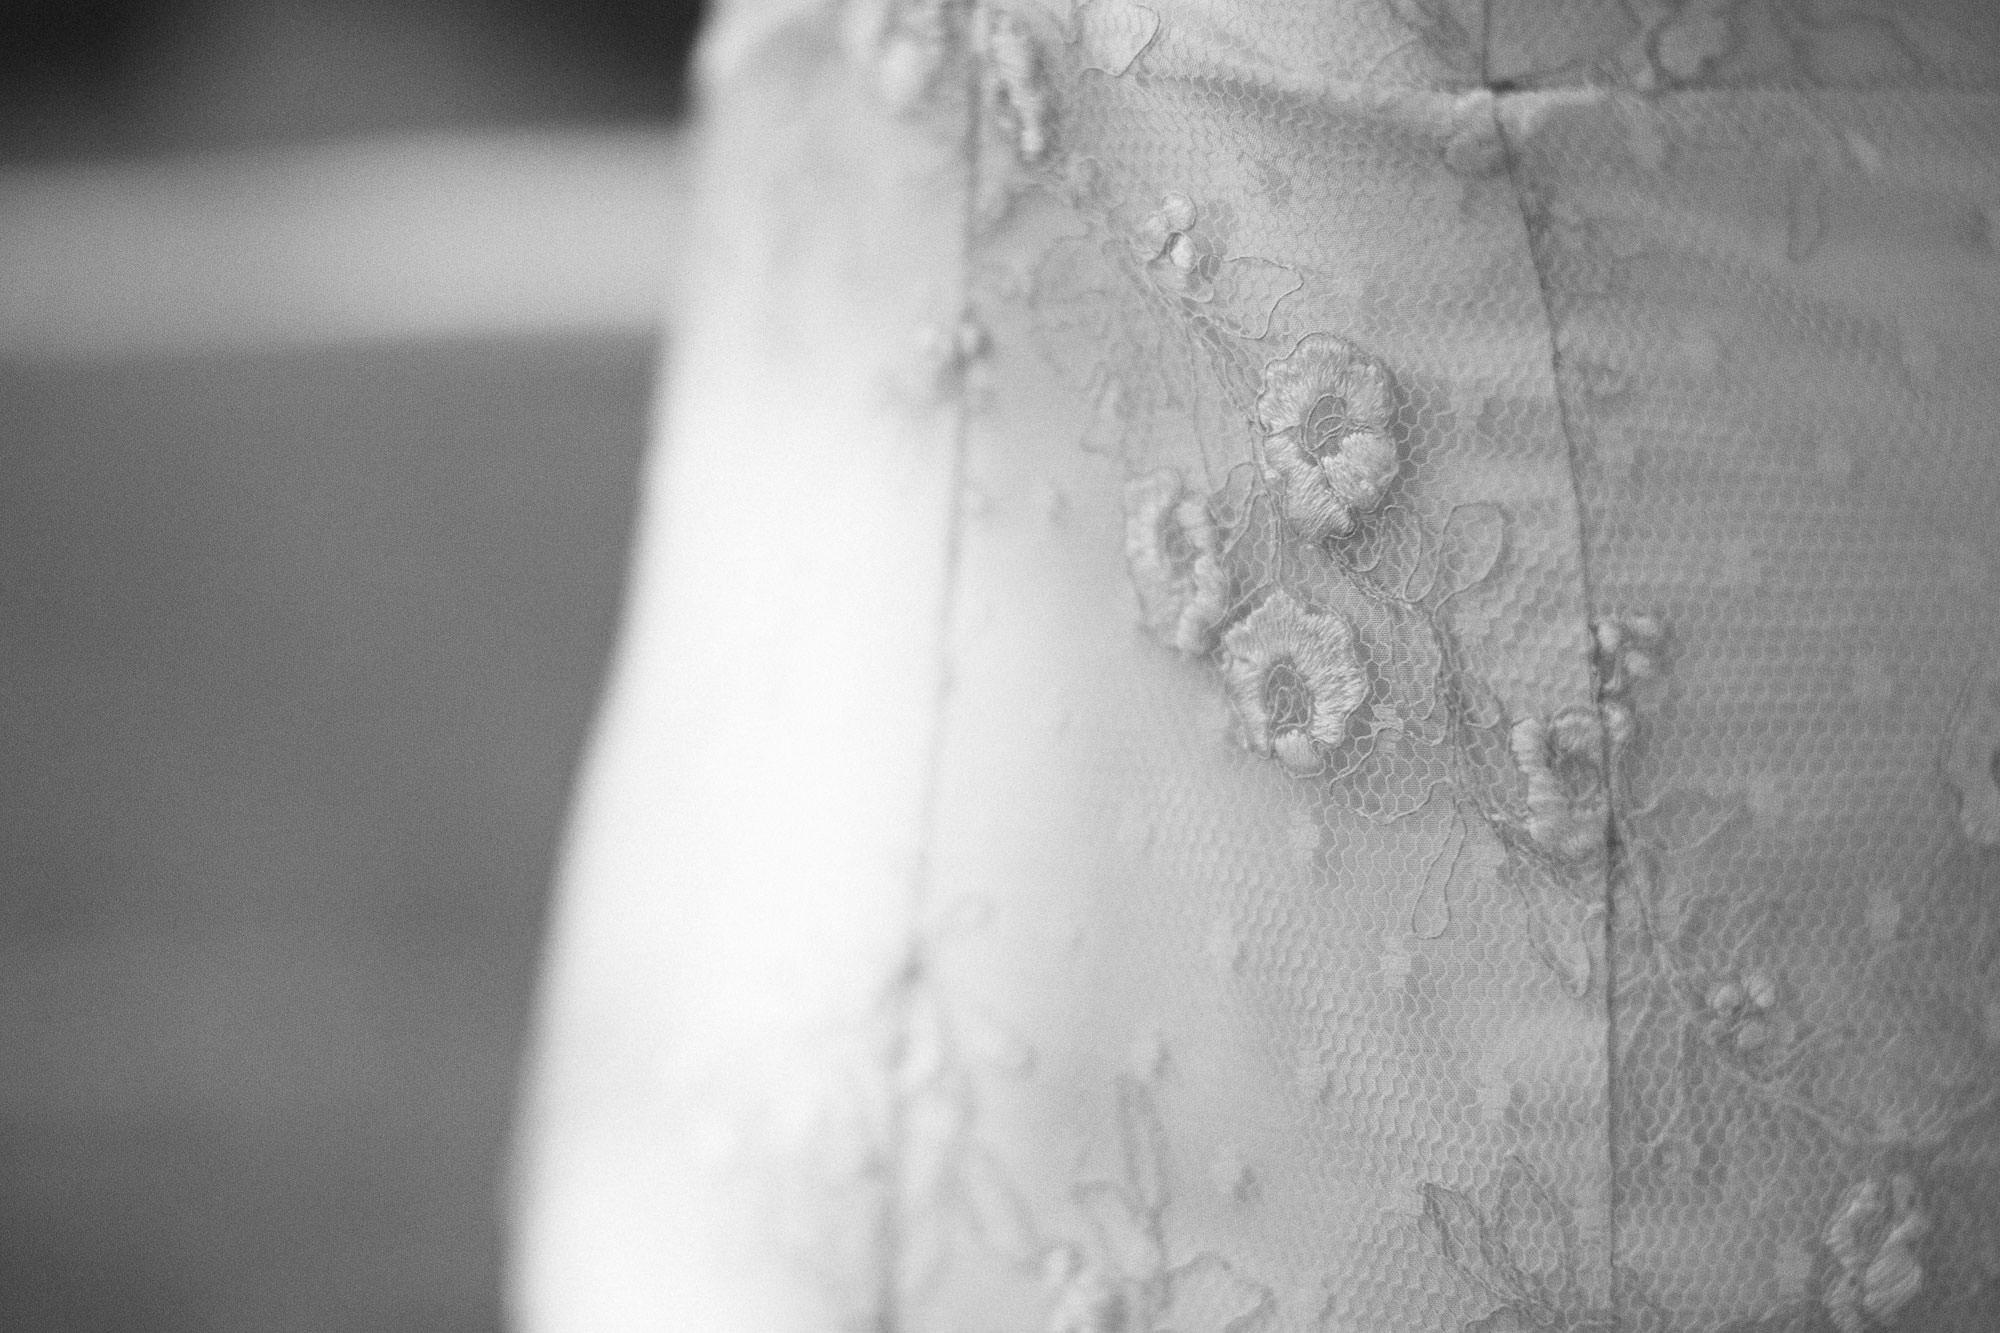 Svartvit bild på detalj från brudklänning Empirio ur kollektionen Garamaj Couture. Designers är Garamaj of Sweden. Foto: Tove Lundquist.